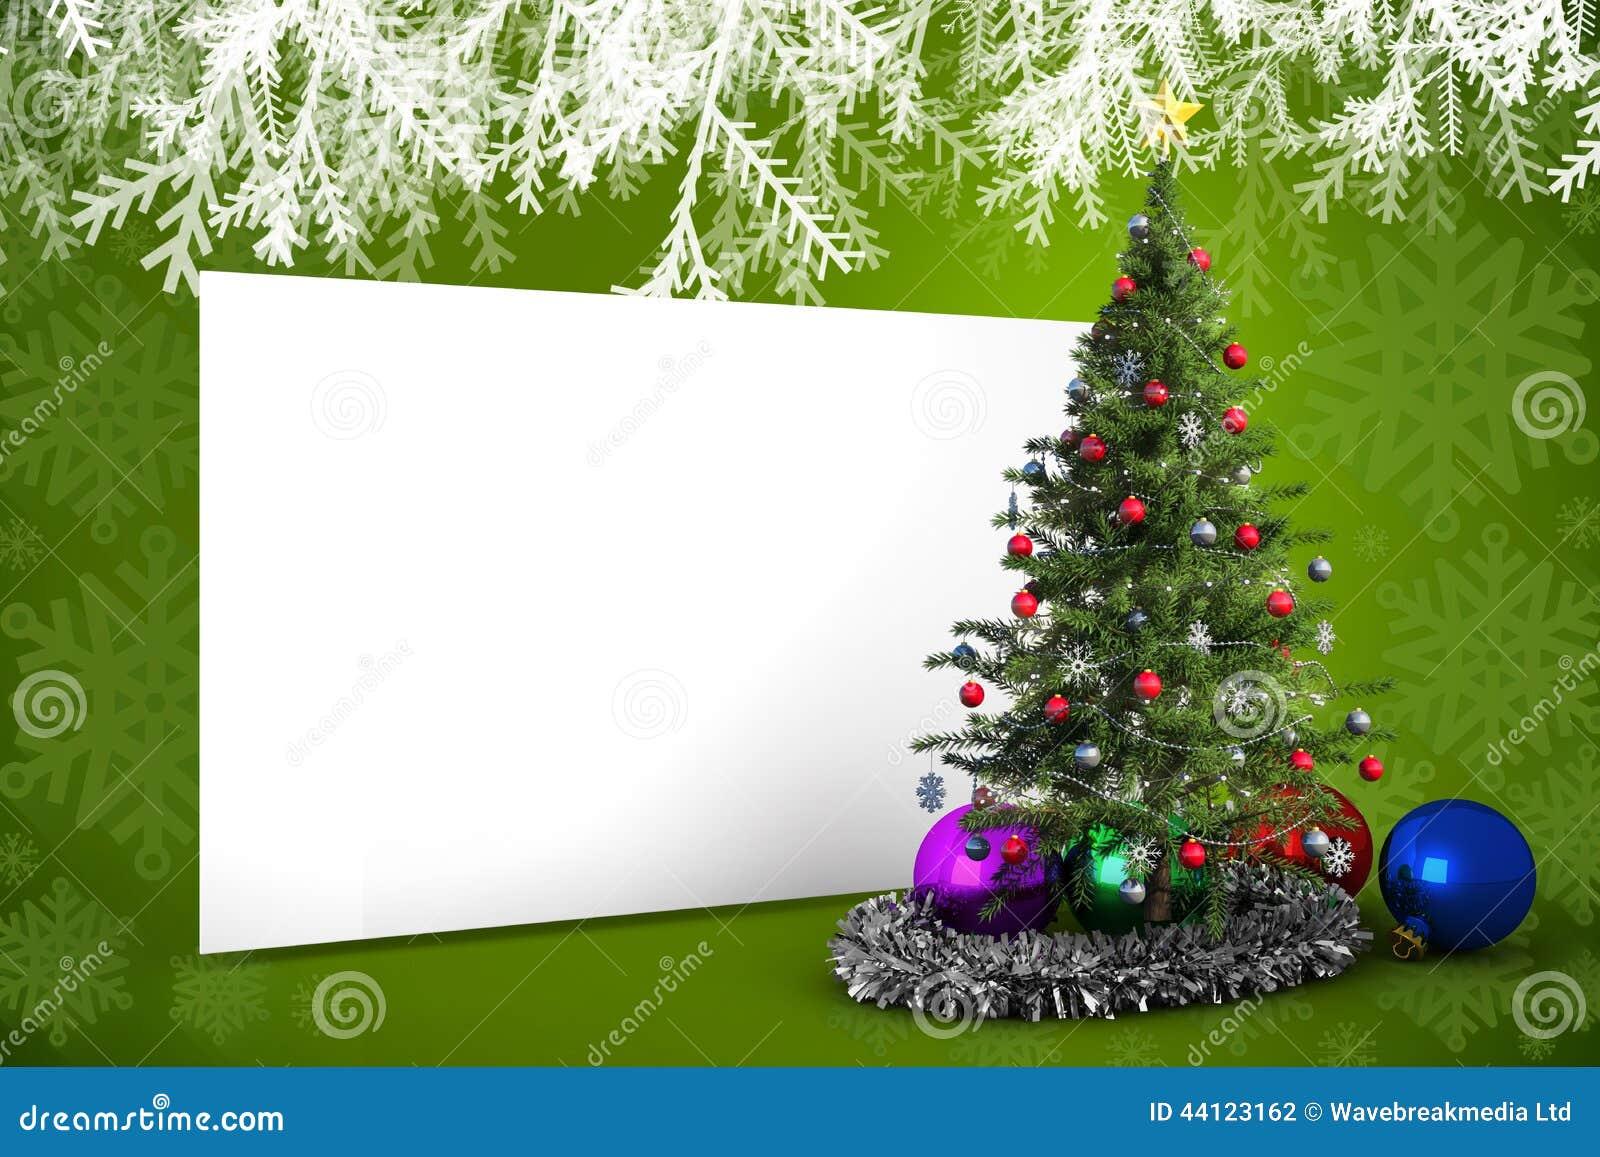 image compos e d 39 affiche avec l 39 arbre de no l illustration. Black Bedroom Furniture Sets. Home Design Ideas